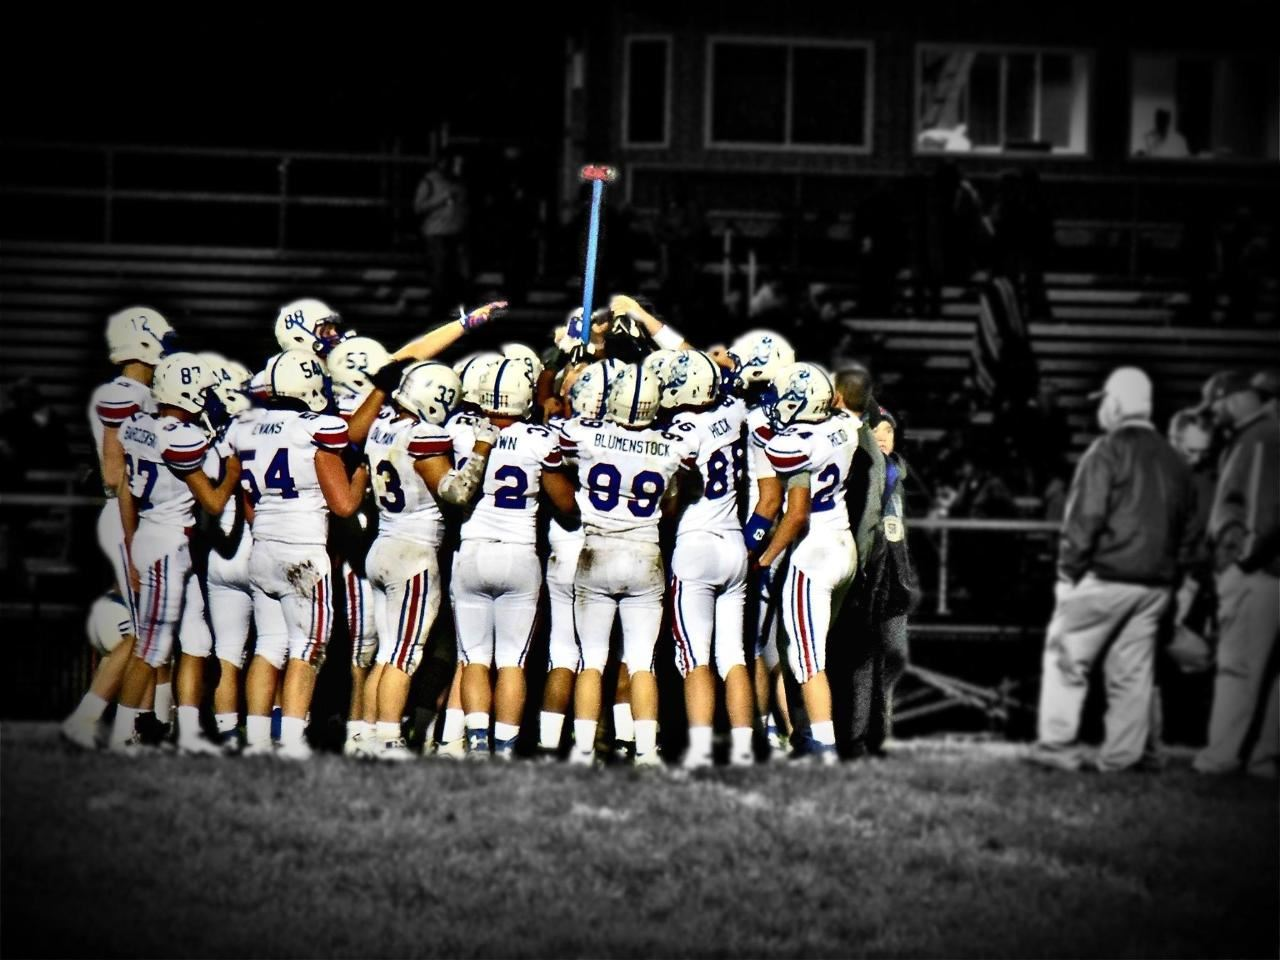 Nashville High School - Boys Varsity Football